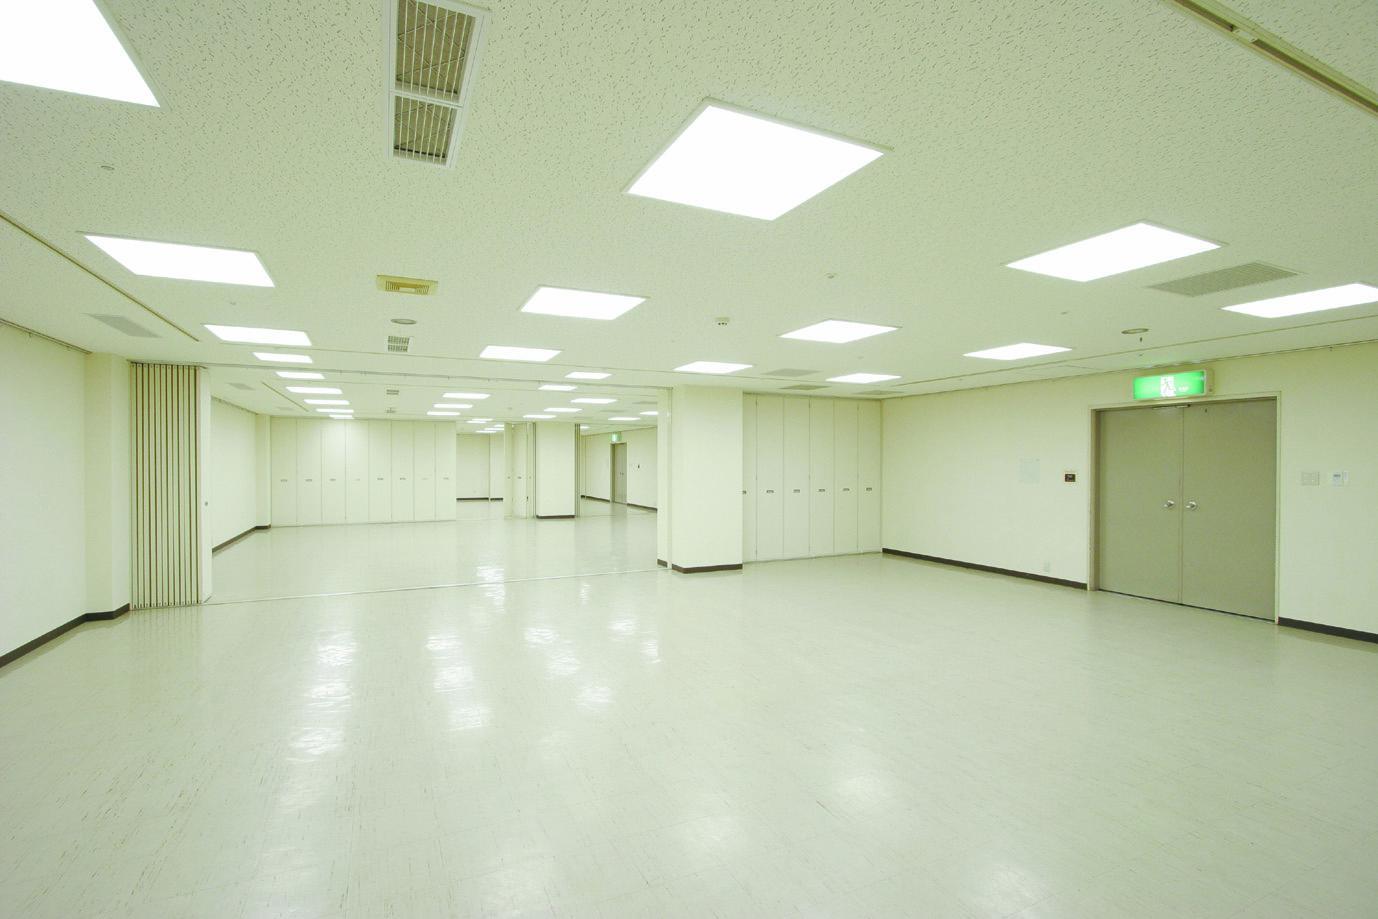 宝山ホール(鹿児島県文化センター)-3